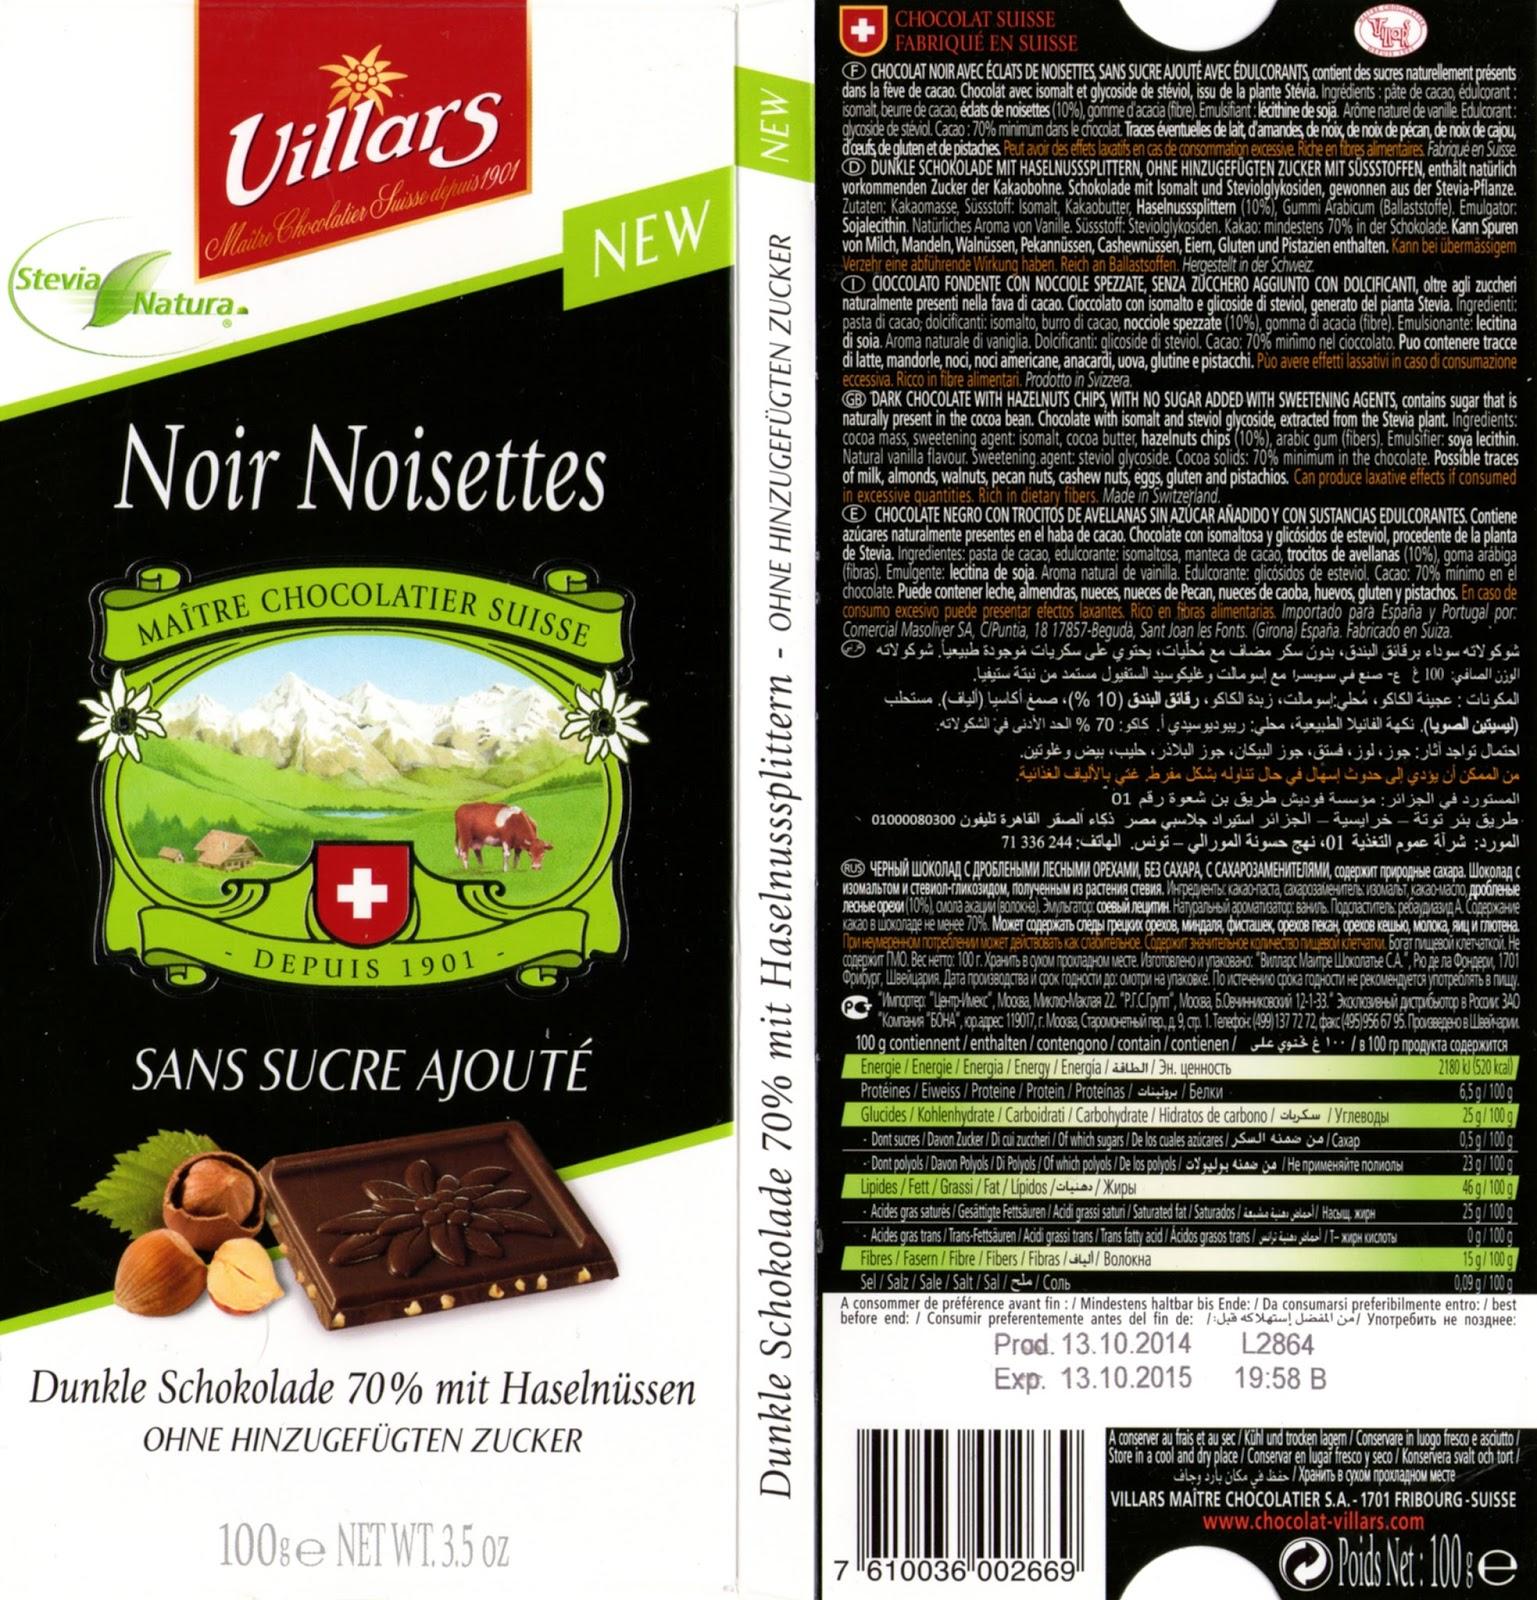 tablette de chocolat noir gourmand villars noir noisettes sans sucre ajouté stevia